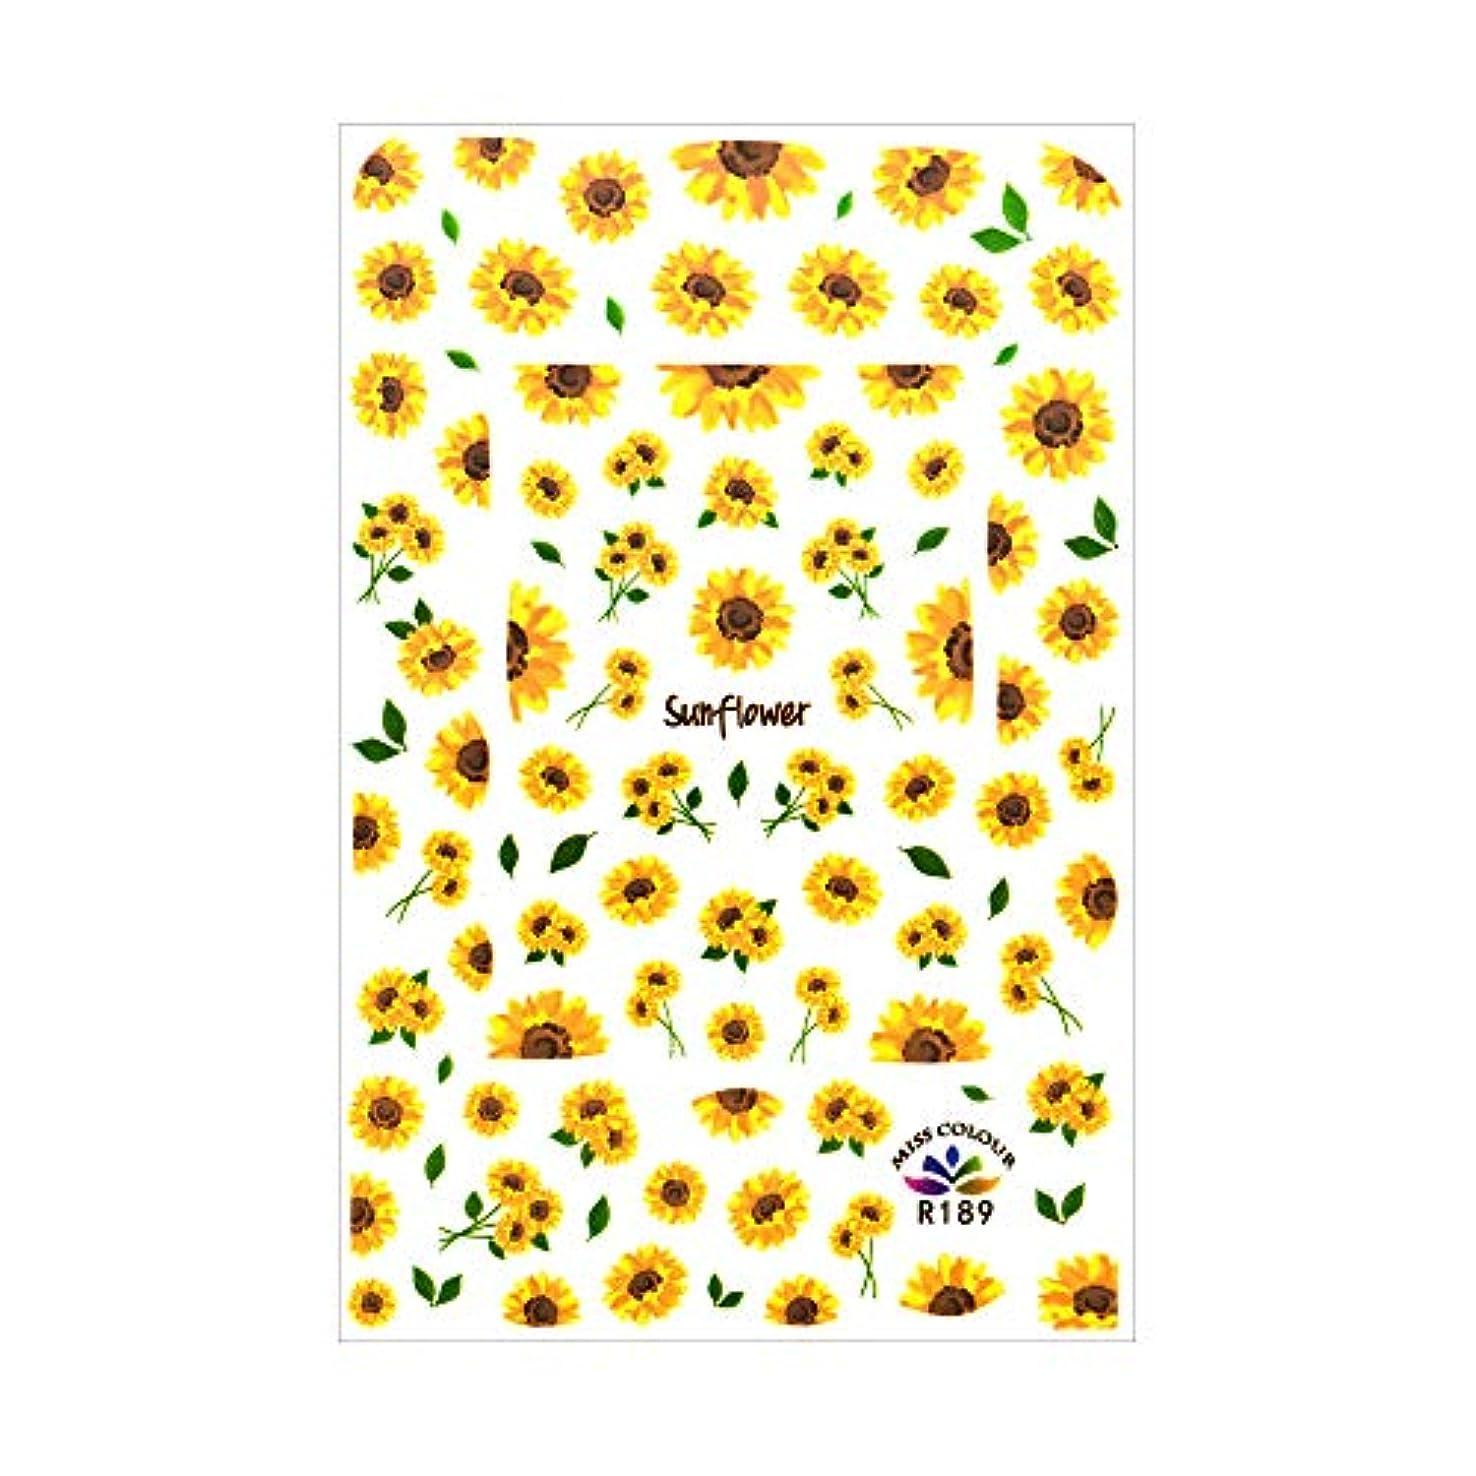 乞食出費鳴らすネイルシール ひまわりシール 花 フラワー 一輪花 ひまわり ヒマワリ 向日葵 サンフラワー 夏 サマー